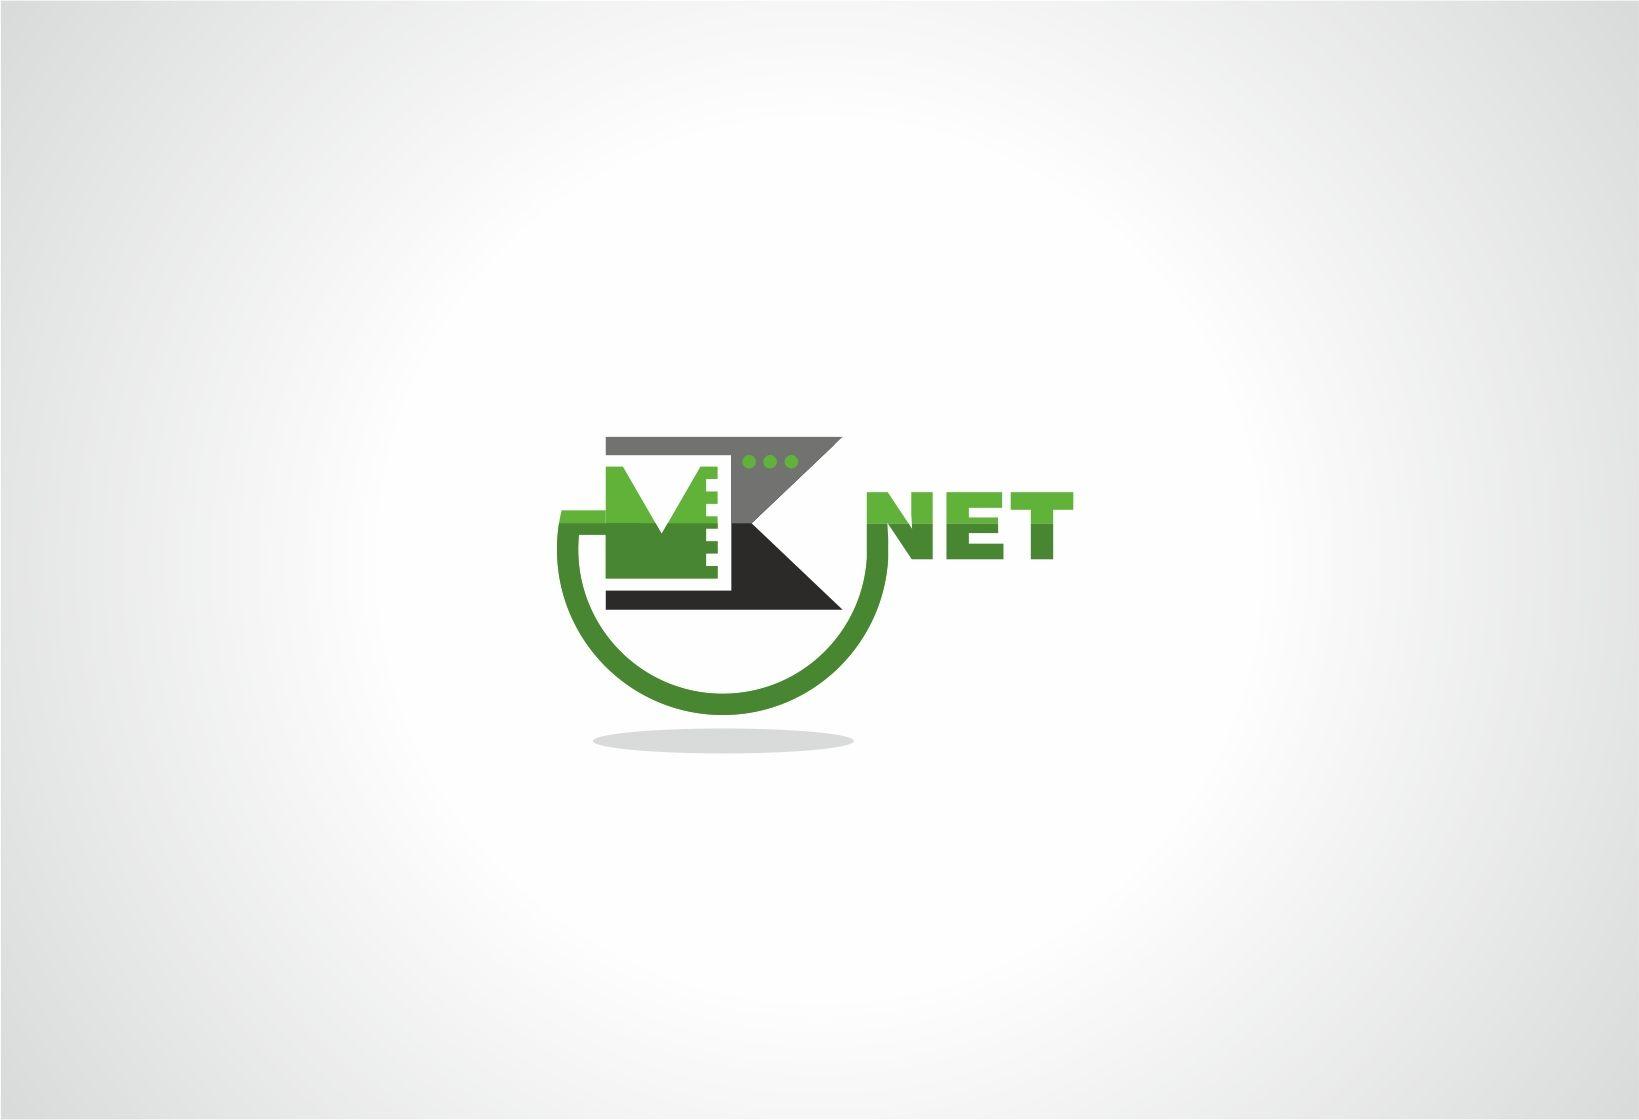 Фирменный стиль для оператора связи! - дизайнер designer79